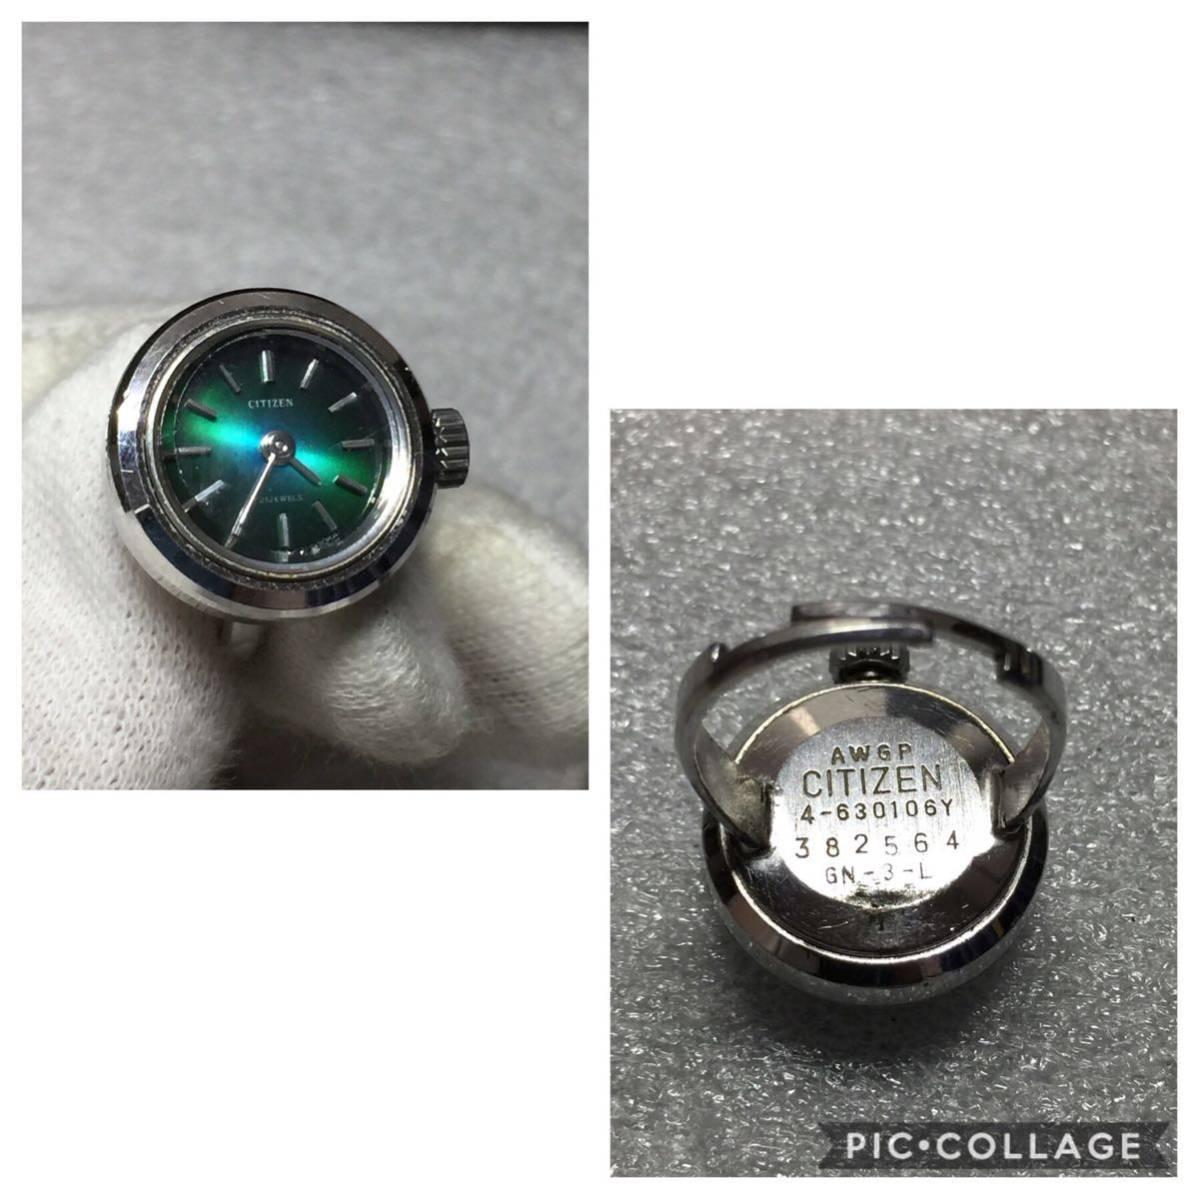 【ジャンク】時計品 オリエントリング・セイコー・スペリナ アンティーク手巻きレディース5点セットです。_画像2